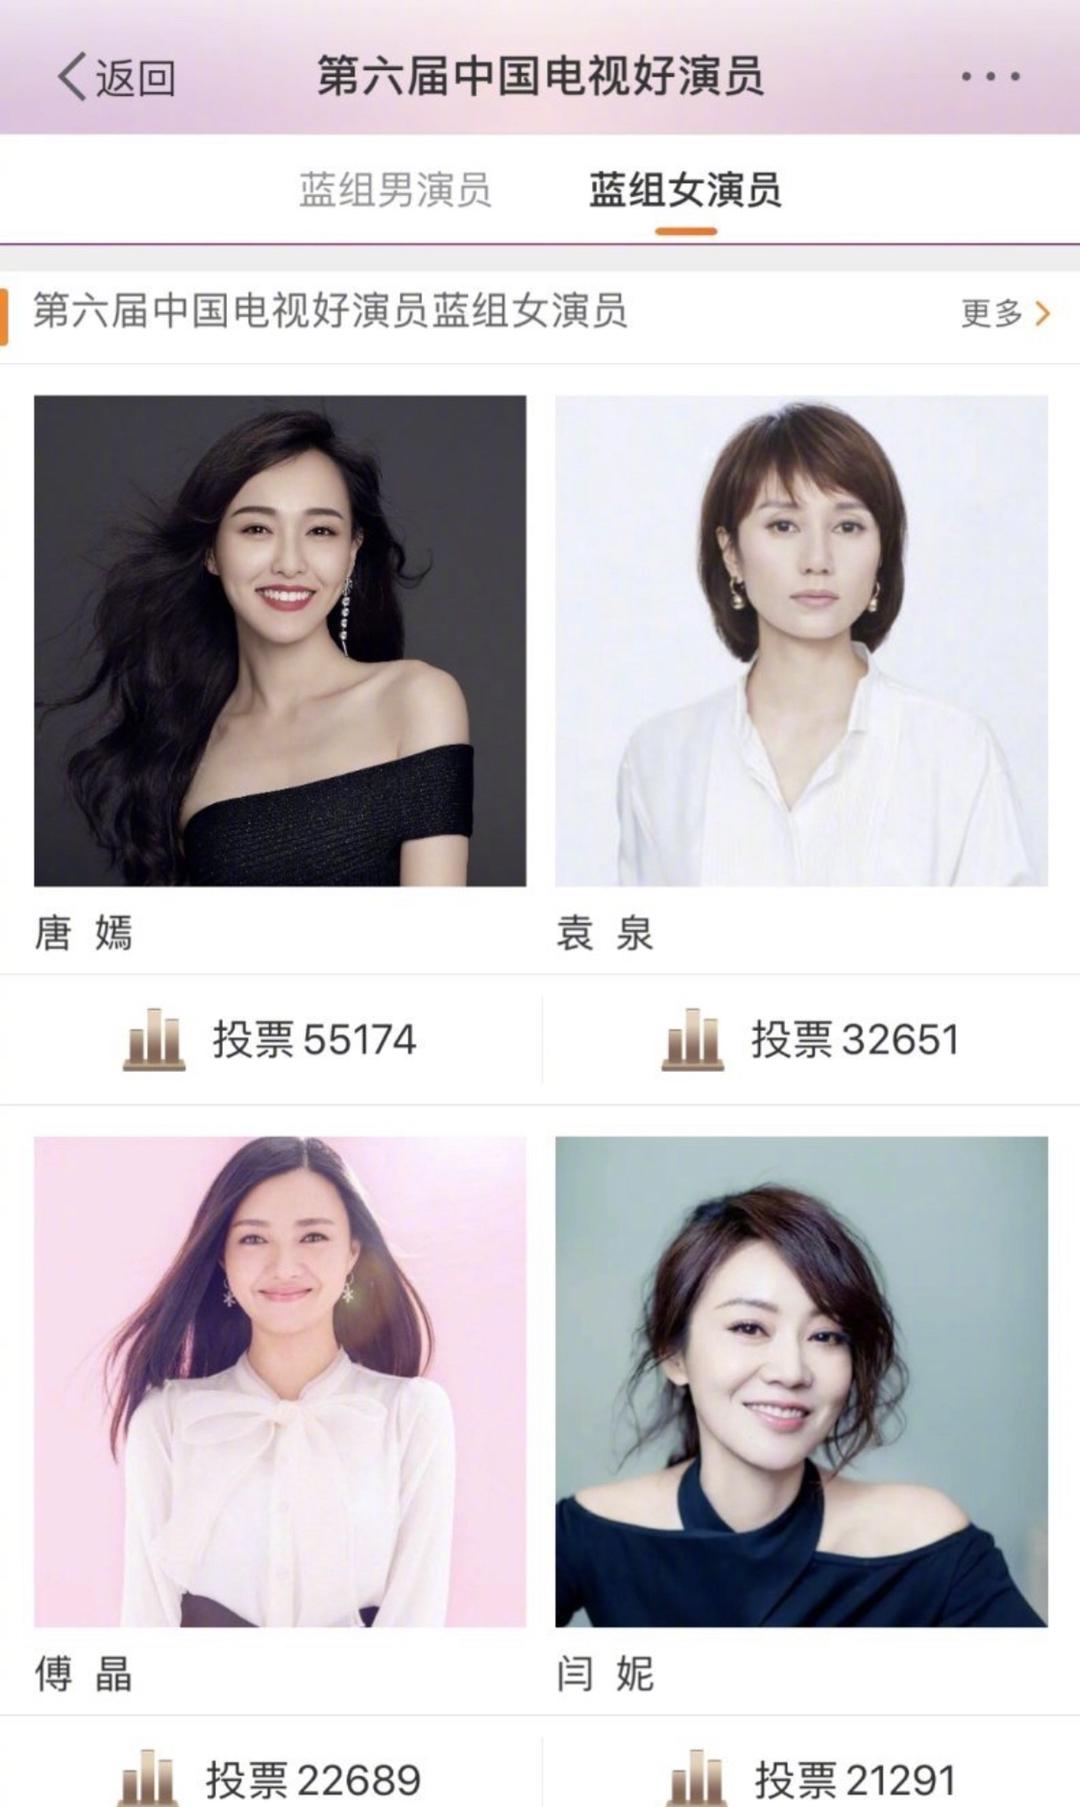 某榜中国电视好演员女演员排名